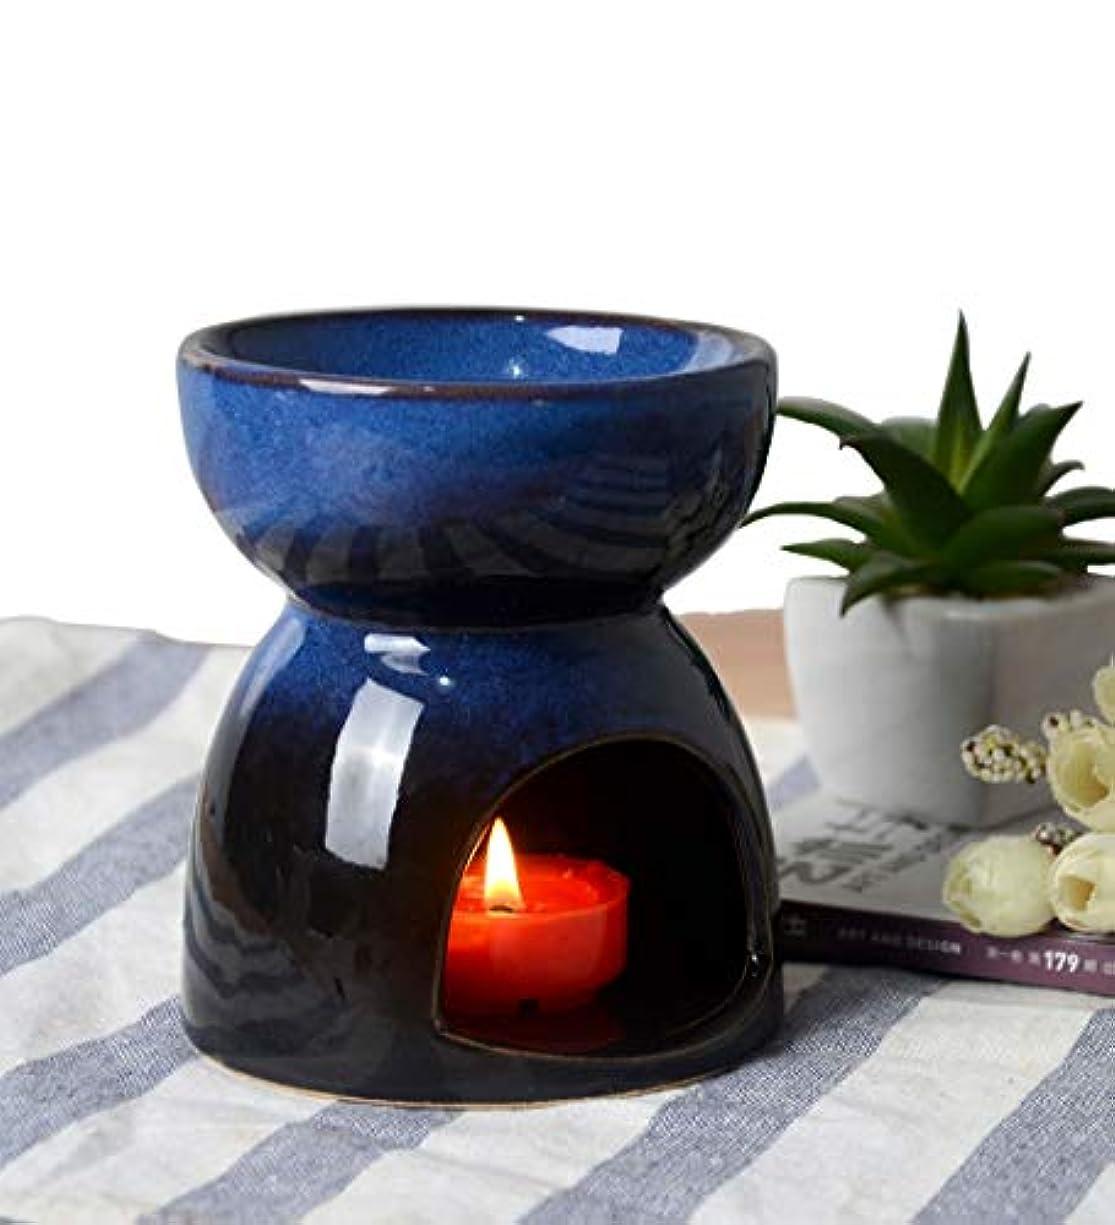 請うボーカルジョグHwagui お香 茶 香炉 アロマ炉 中空の彫刻工芸 癒し お茶の香り 陶器 置物 靑い